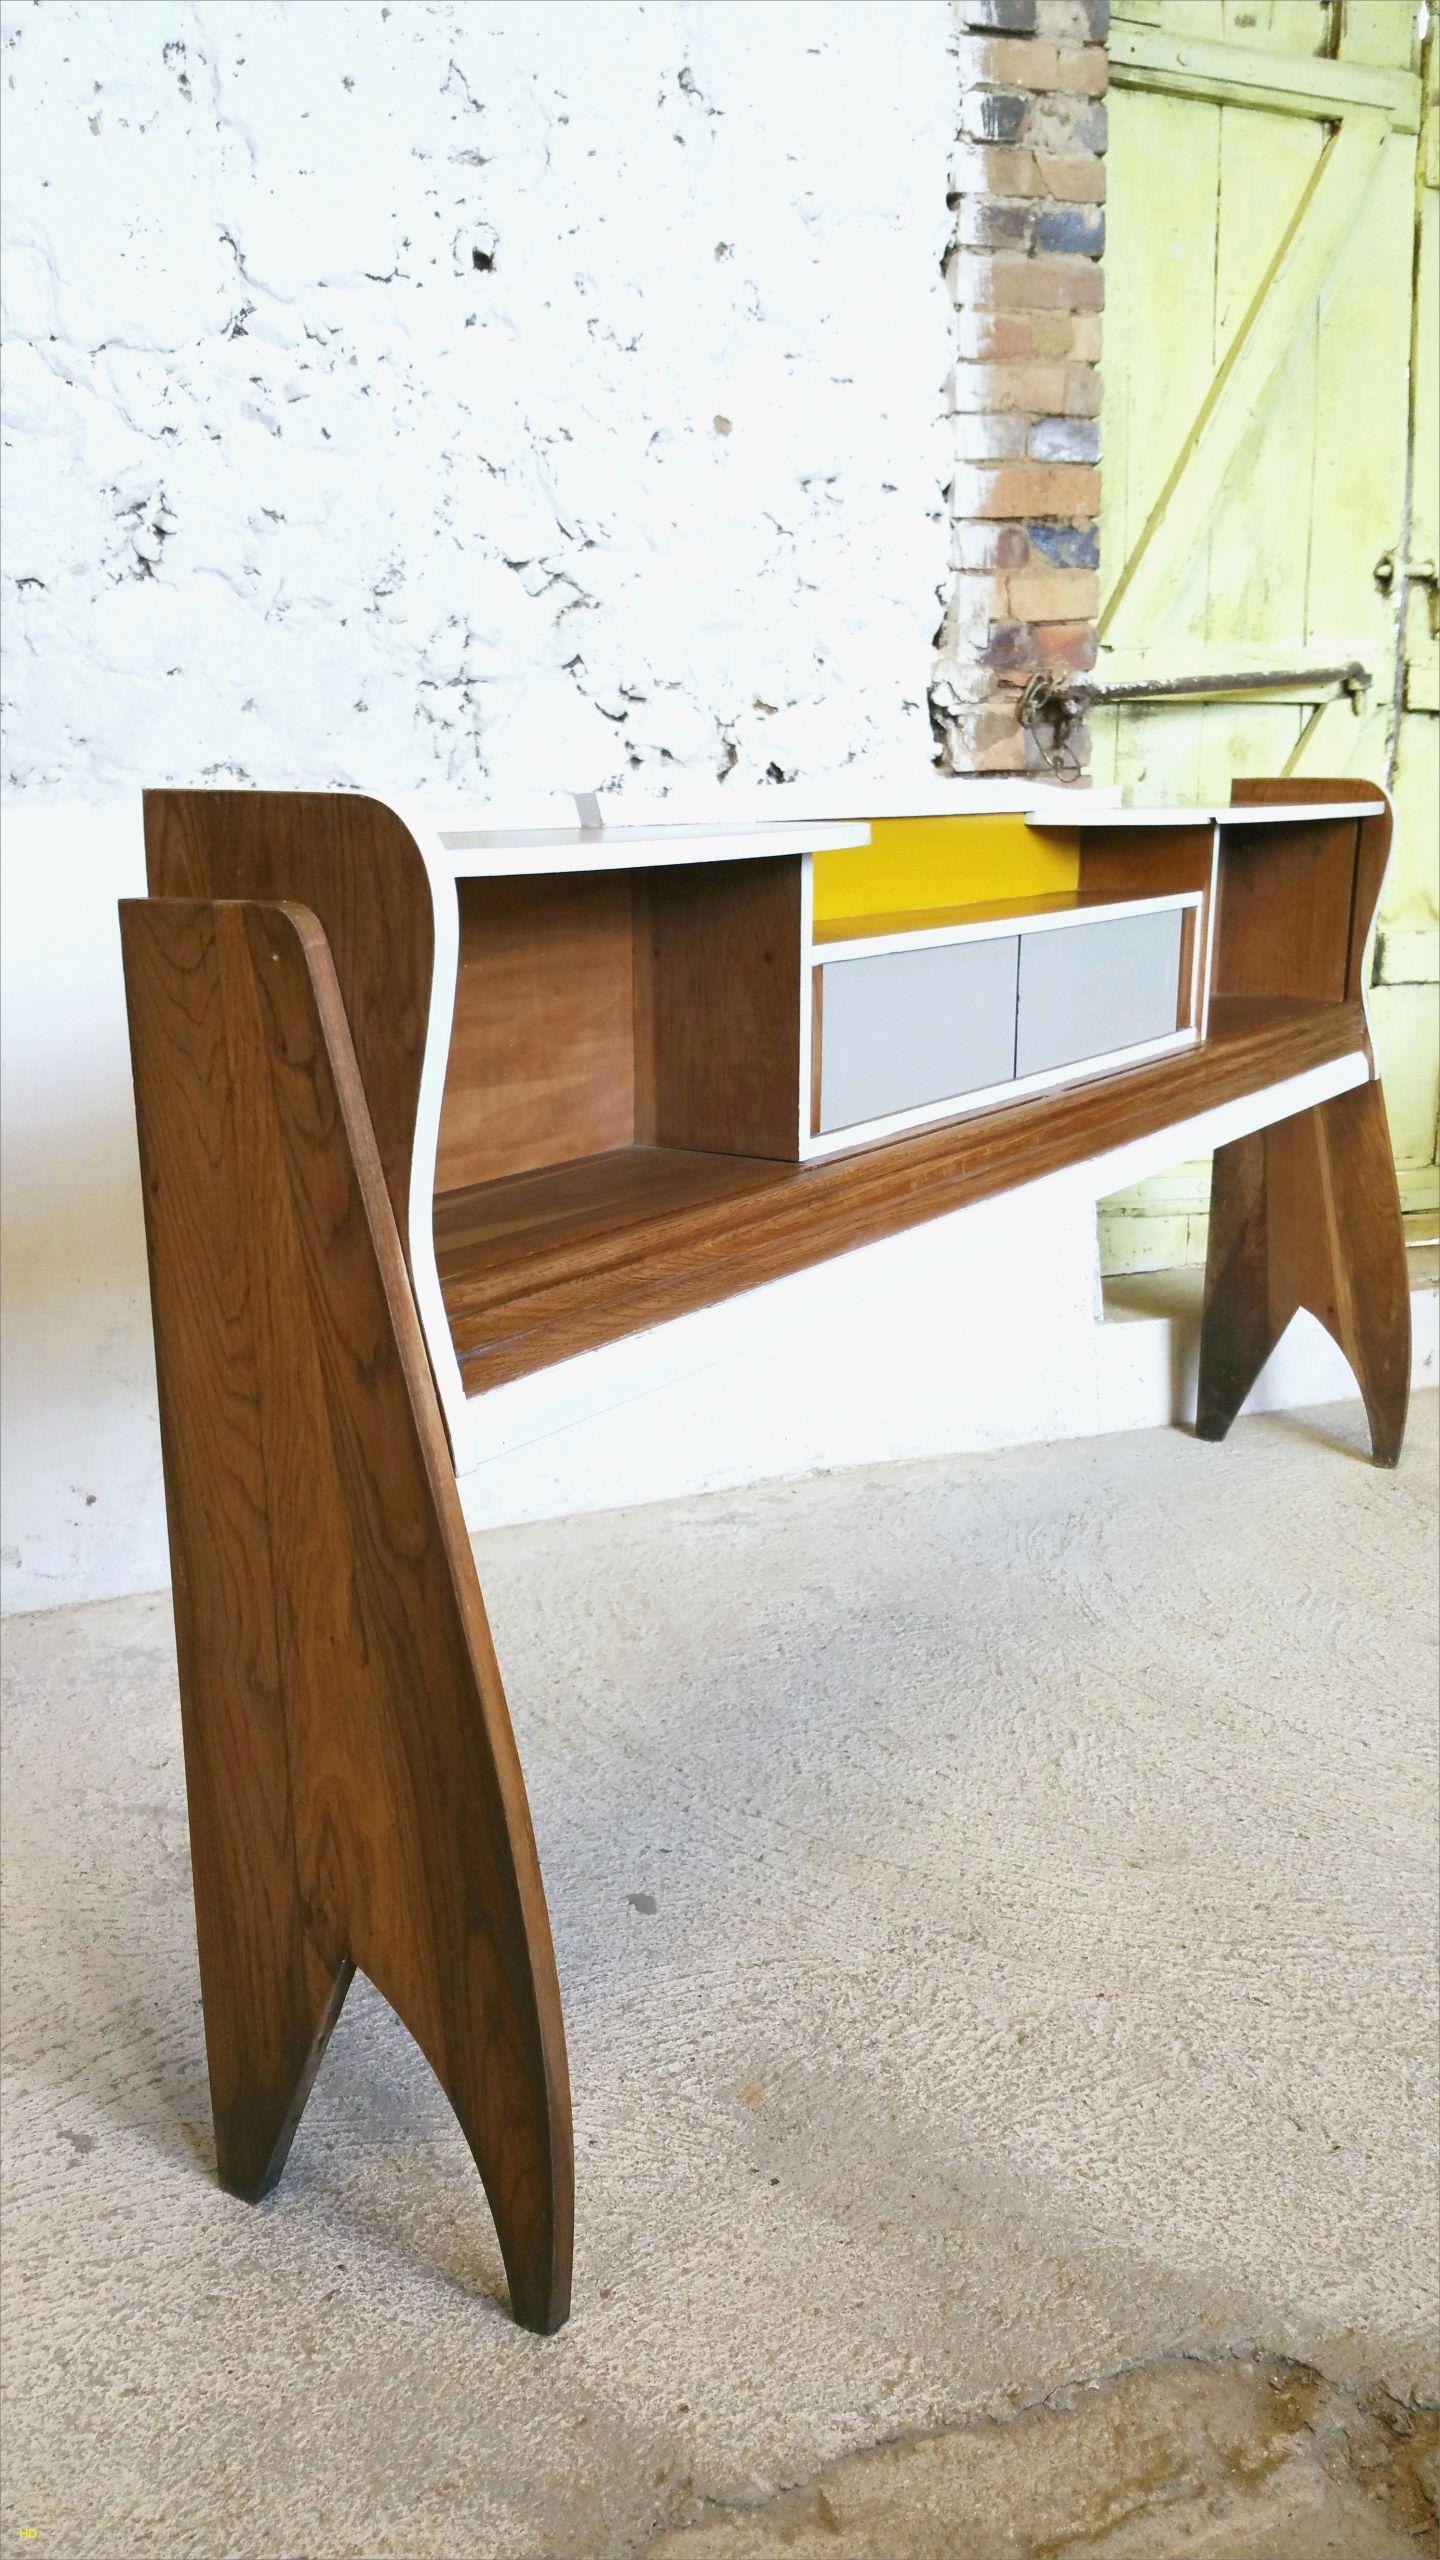 meuble rangement terrasse elegant banc pour balcon elegant meilleur de armoire terrasse decoration of meuble rangement terrasse